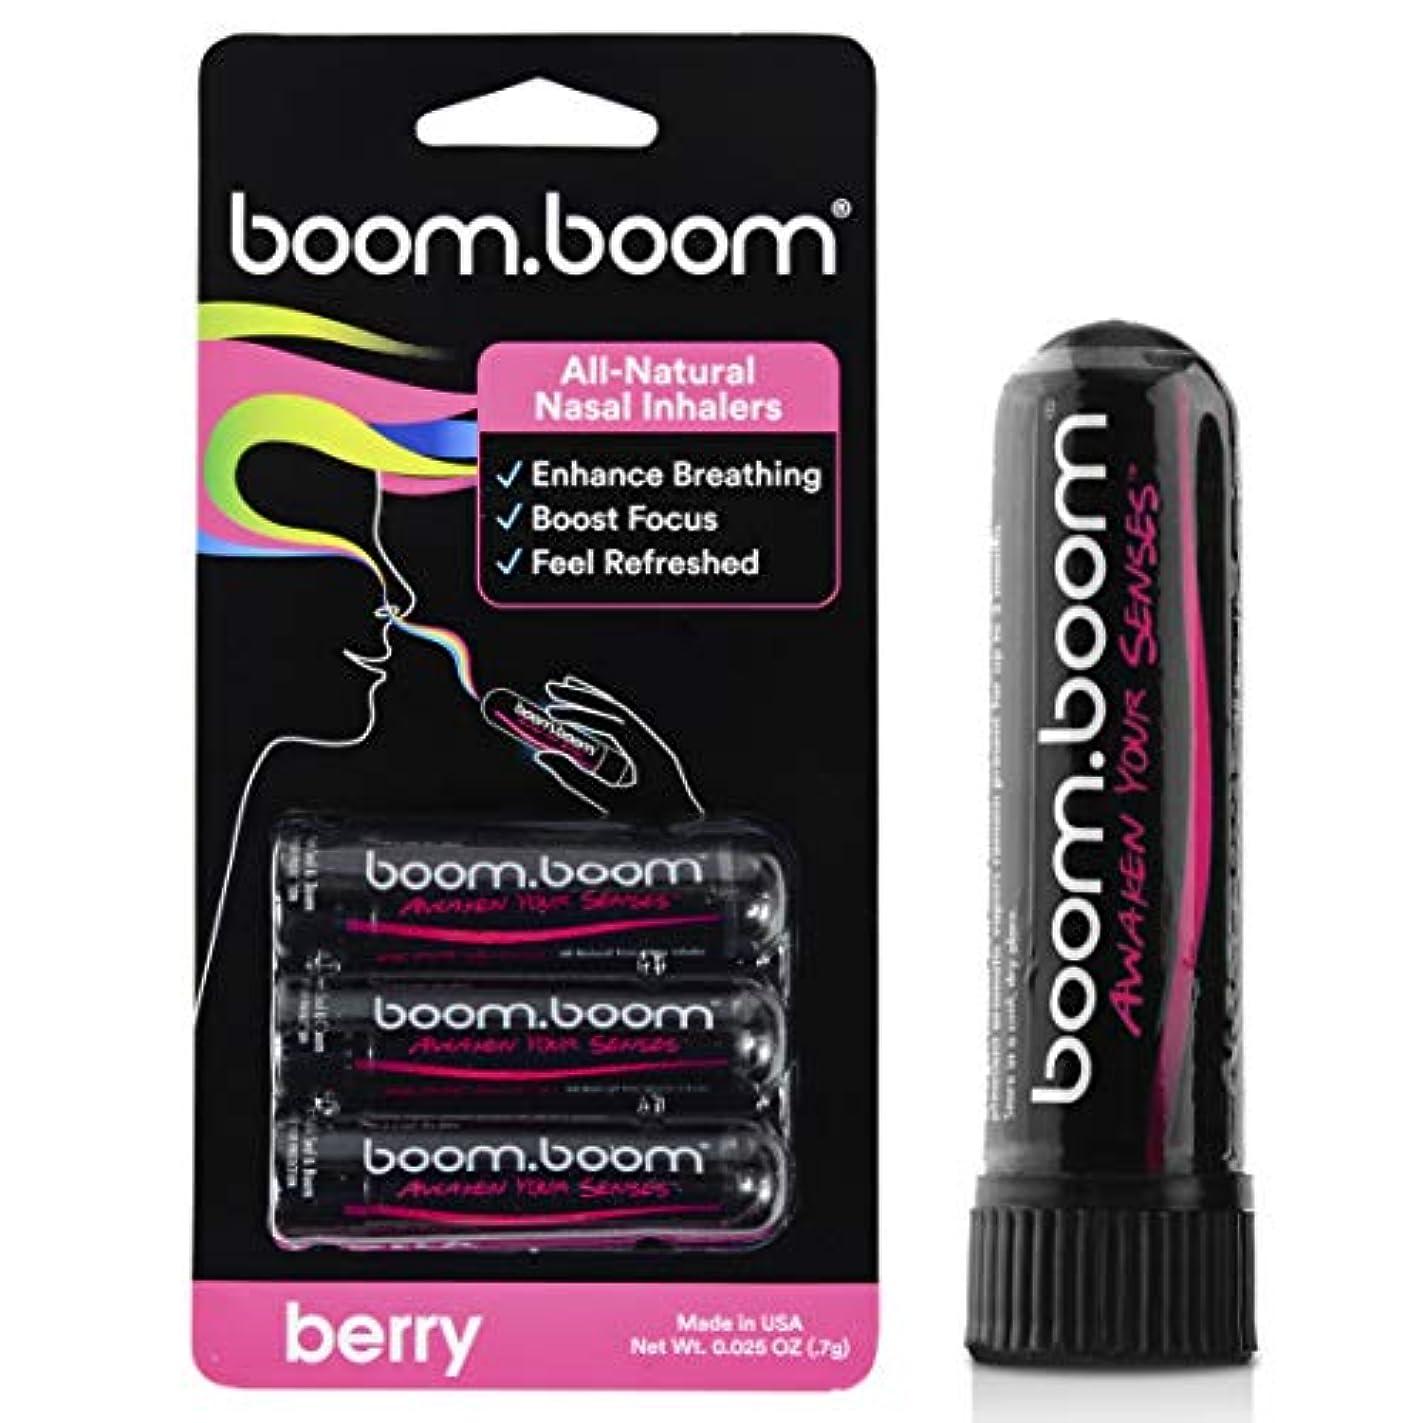 現像行脊椎アロマテラピー鼻吸入器(3パック)by BoomBoom | すべての自然植物療法エッセンシャルオイル気化器| Stuffy Noseからのインスタントリリーフ| 素晴らしいフレーバーメントール、ペパーミント、ユーカリ(バラエティーパック) (ラズベリー+ブラックベリー+イチゴ)